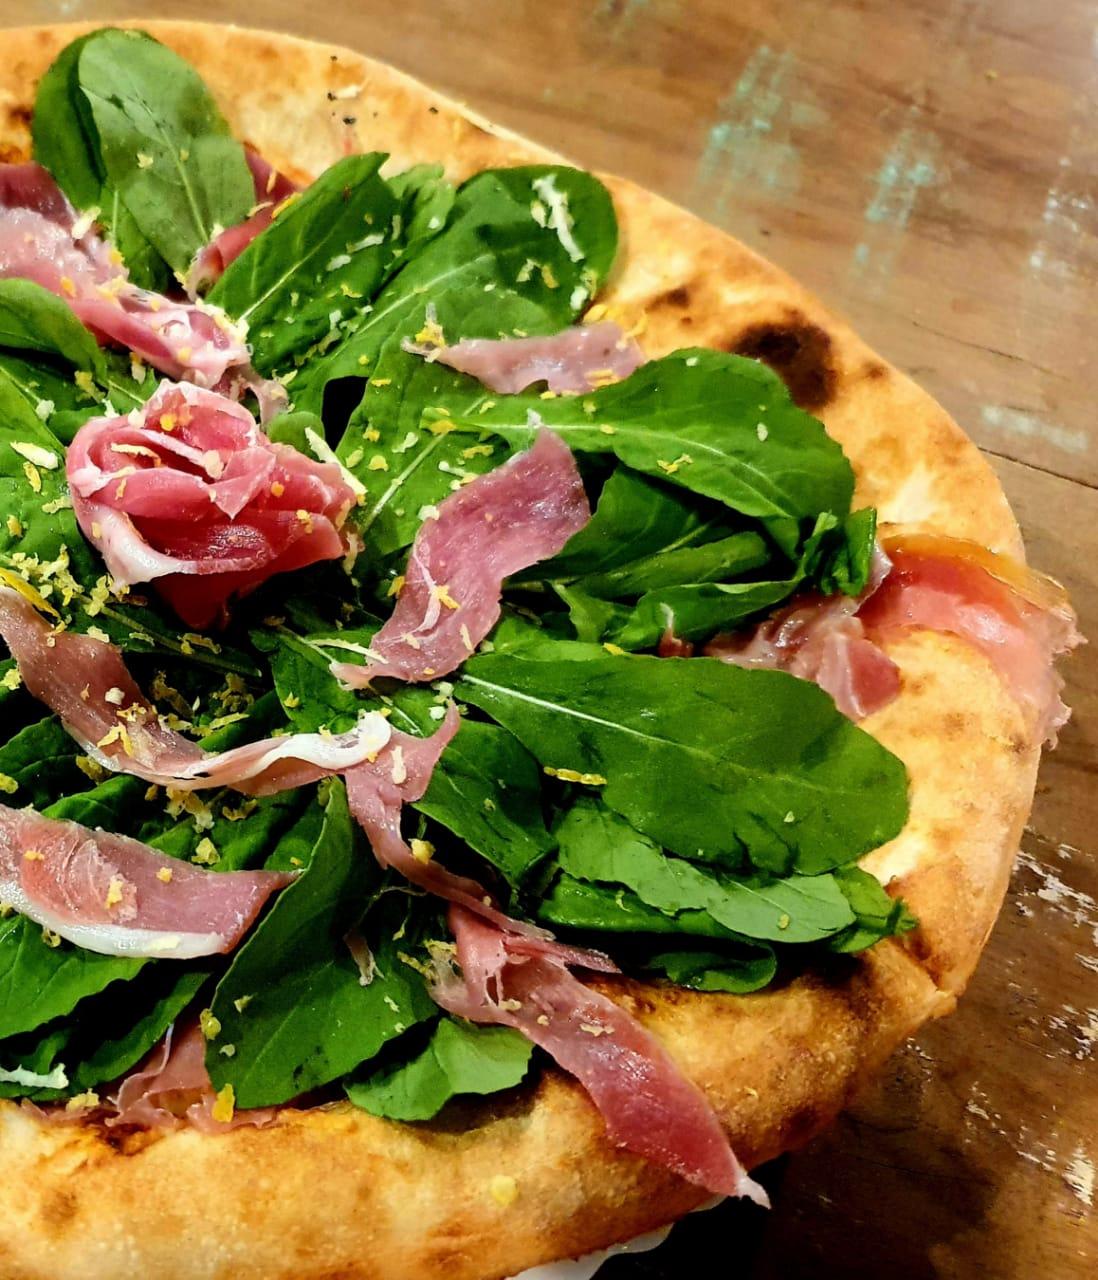 Pizza de rúcula com Parma e muçarela de búfala, outra das campeãs de pedidos.